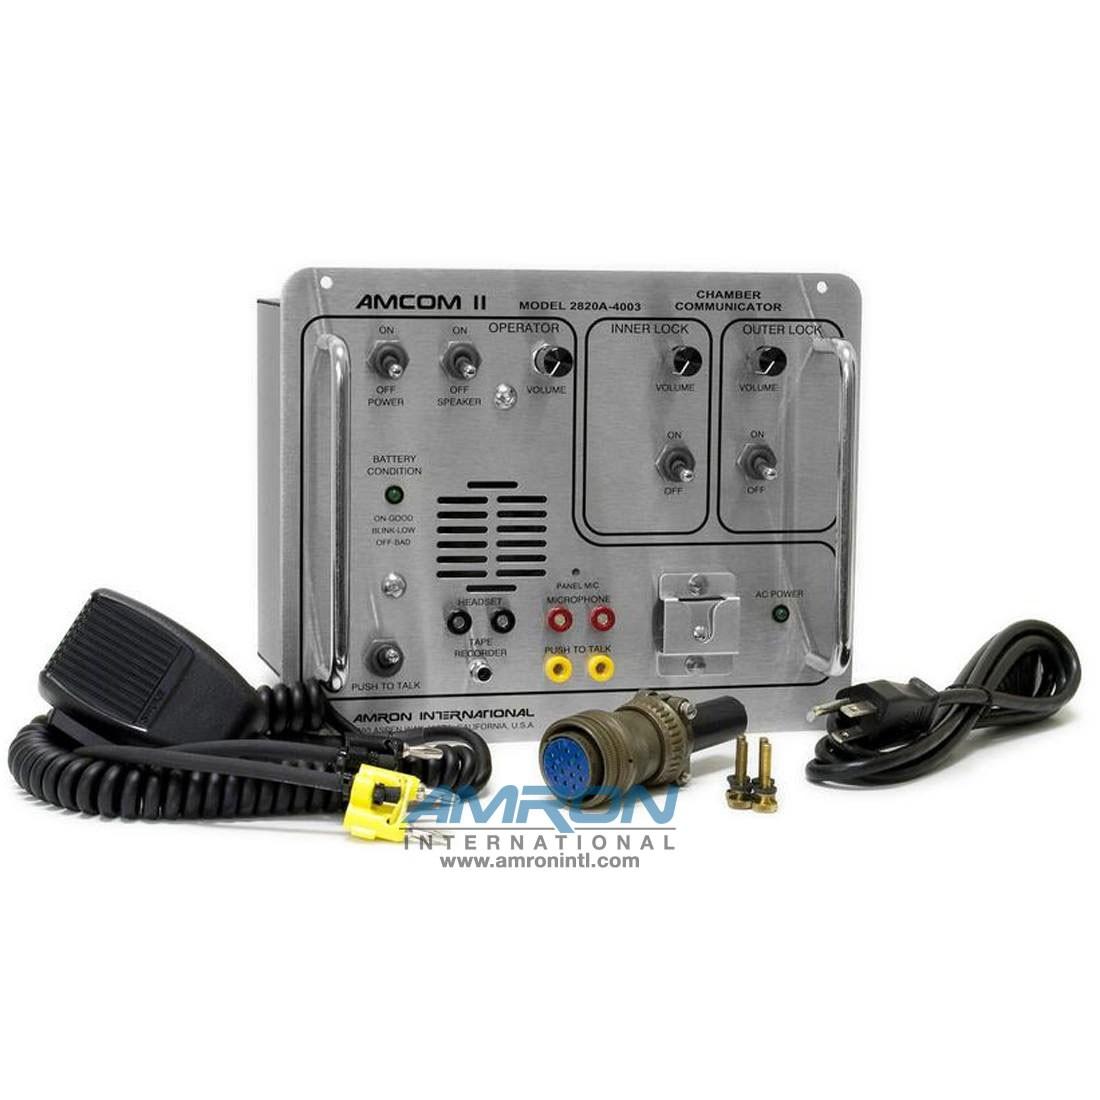 mron International Amcom II 2820A-4003 Double Lock Chamber Communicator